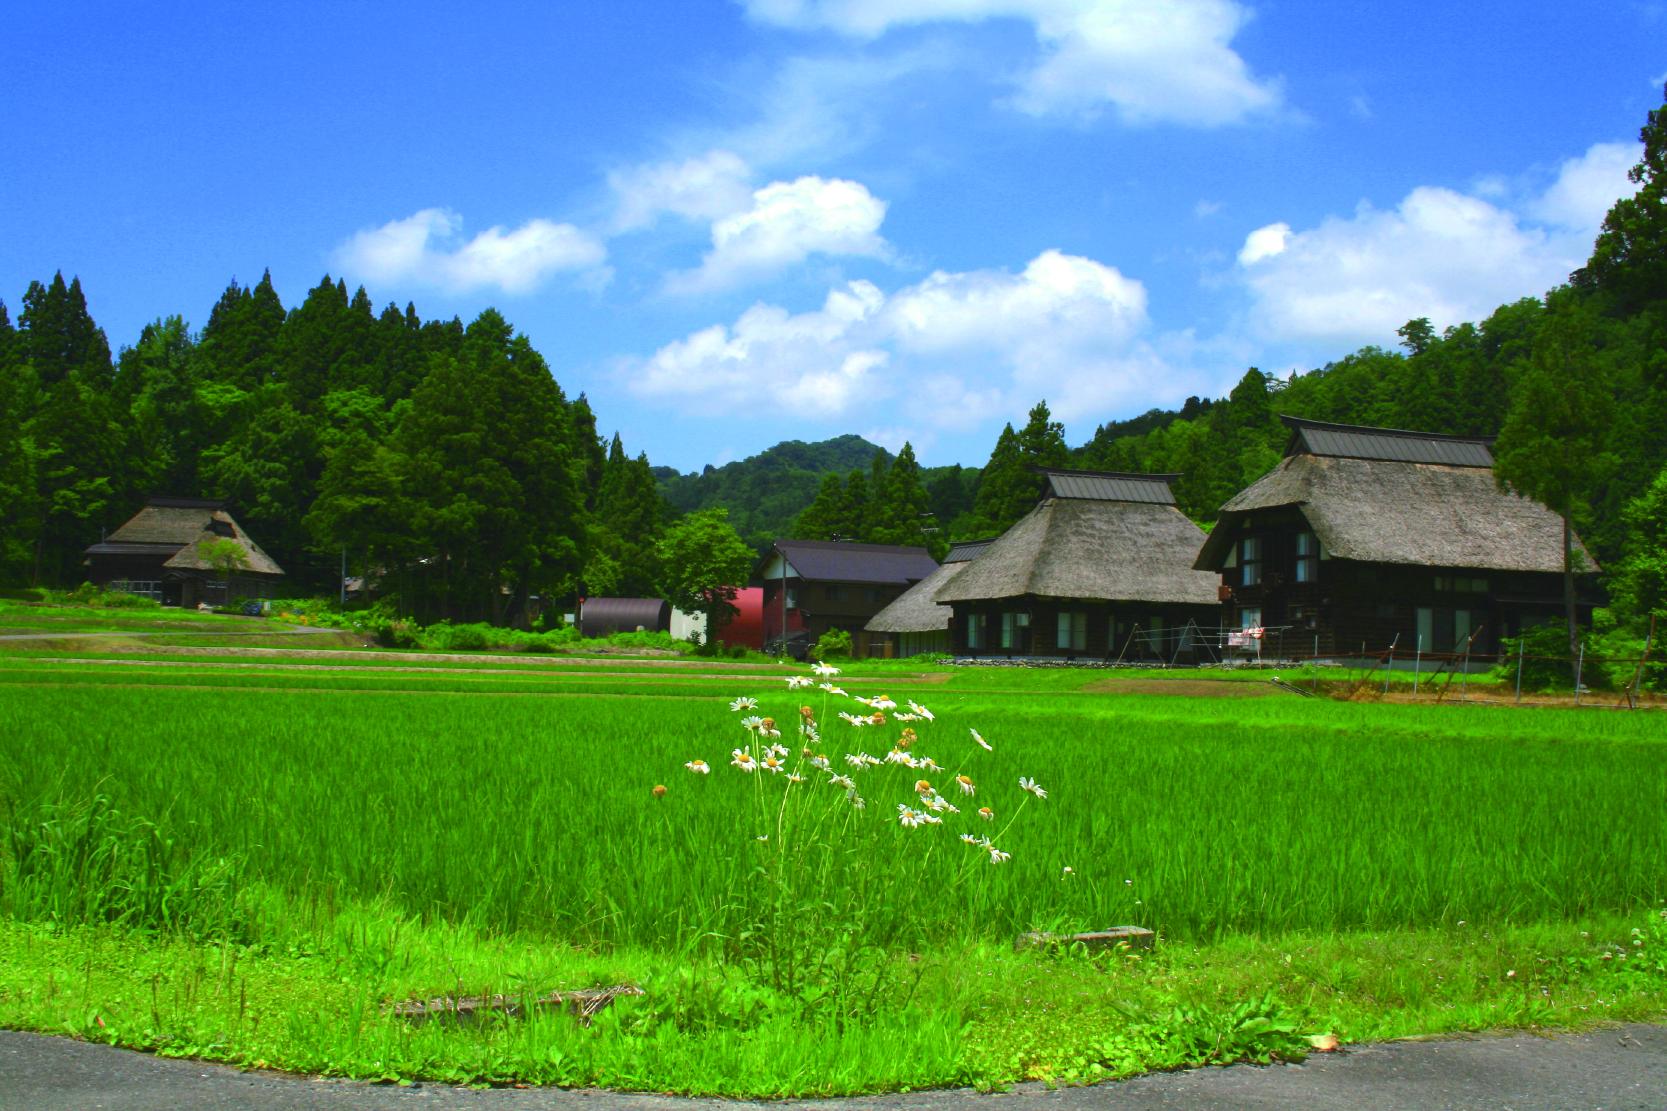 インターンシップの受け入れ先の一つ、中立山・中原集落には、今でも日本の原風景が残っている。